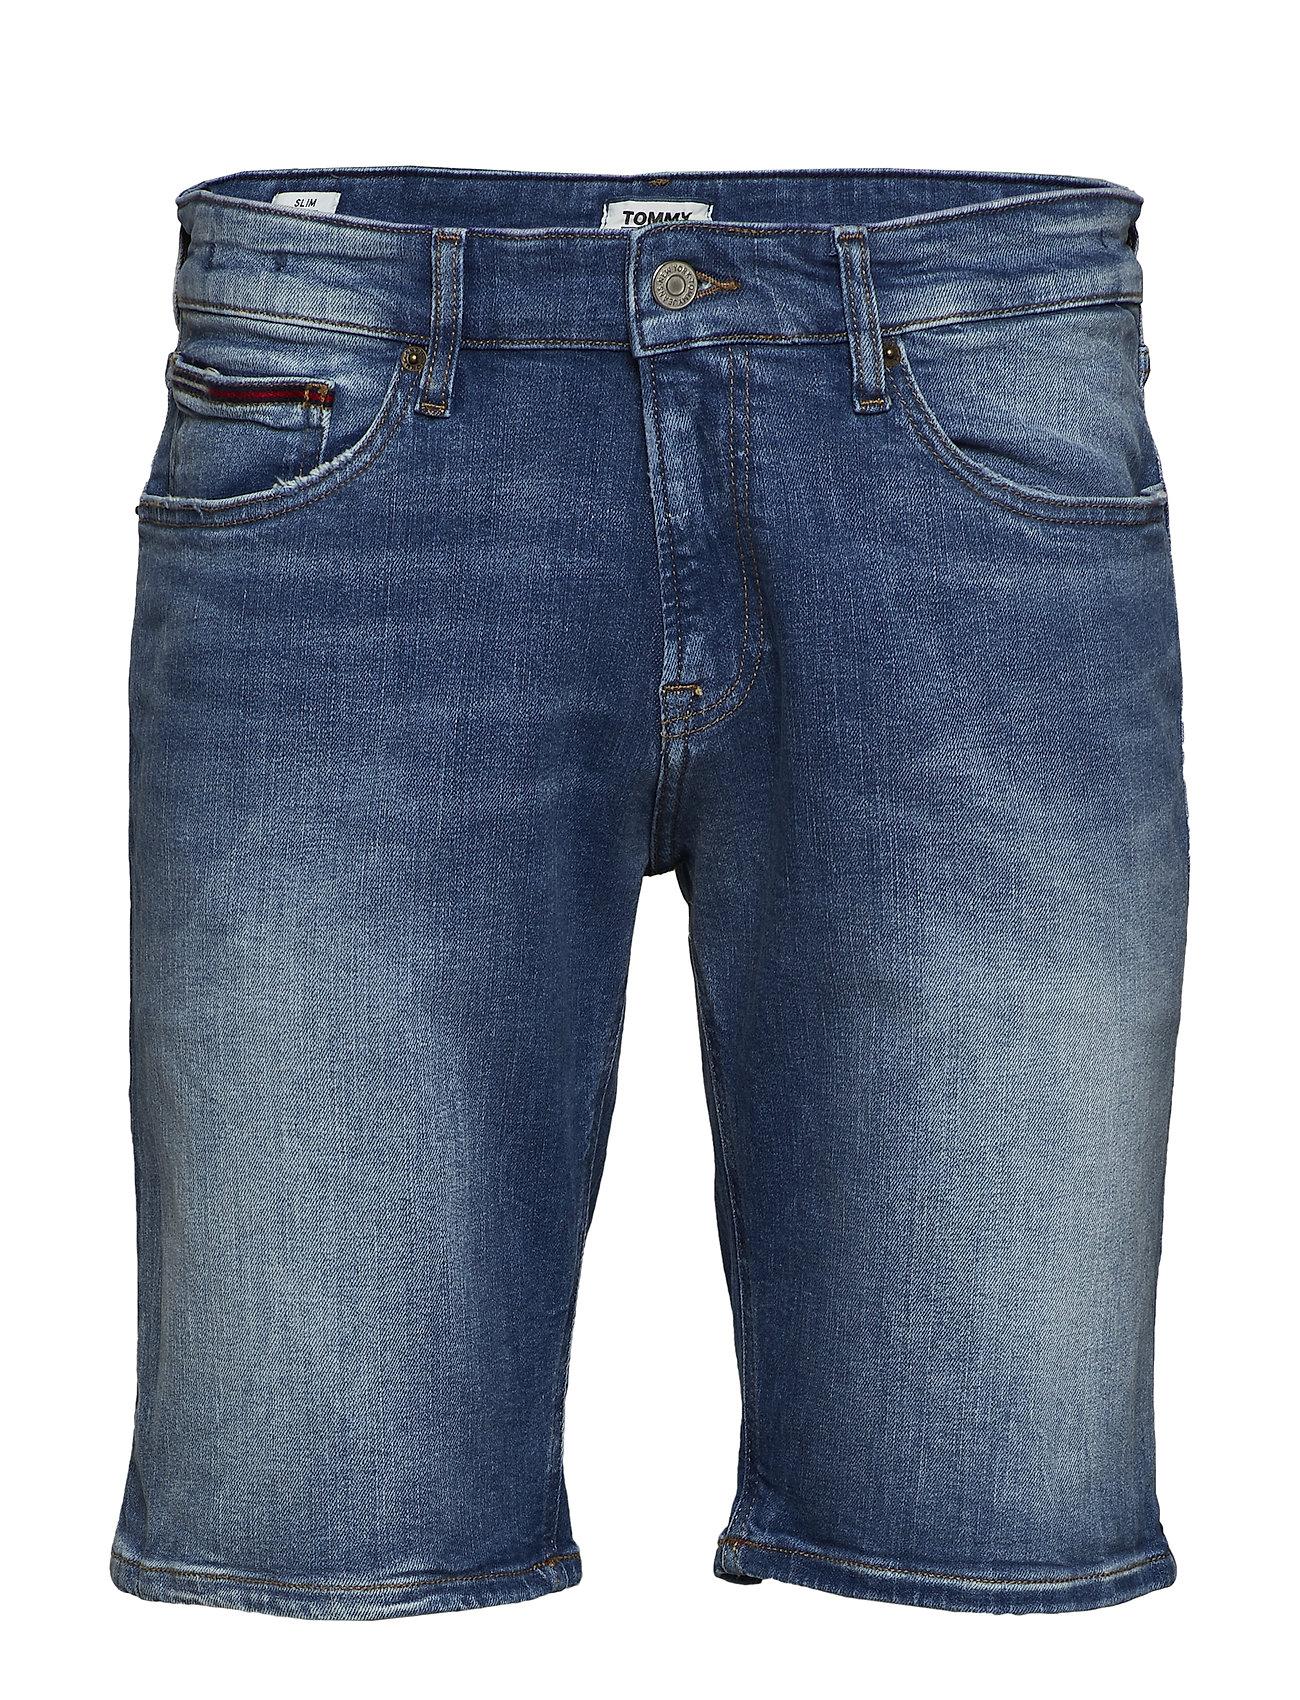 Tommy Jeans SCANTON SLIM SHORT CRTMD - COURT MID BL STR